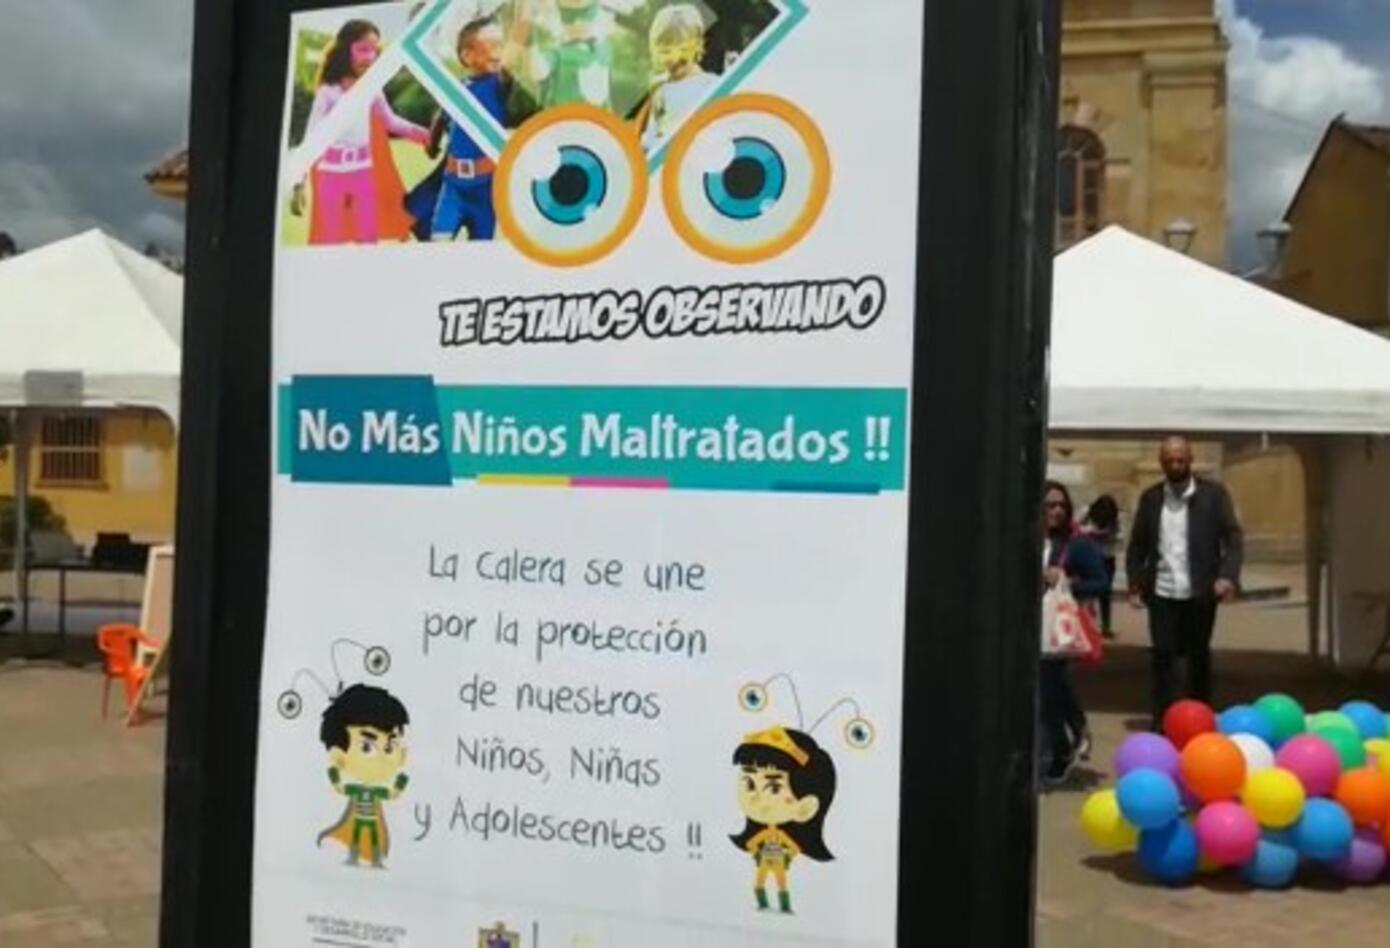 Campaña en La Calera para proteger a los niños 2